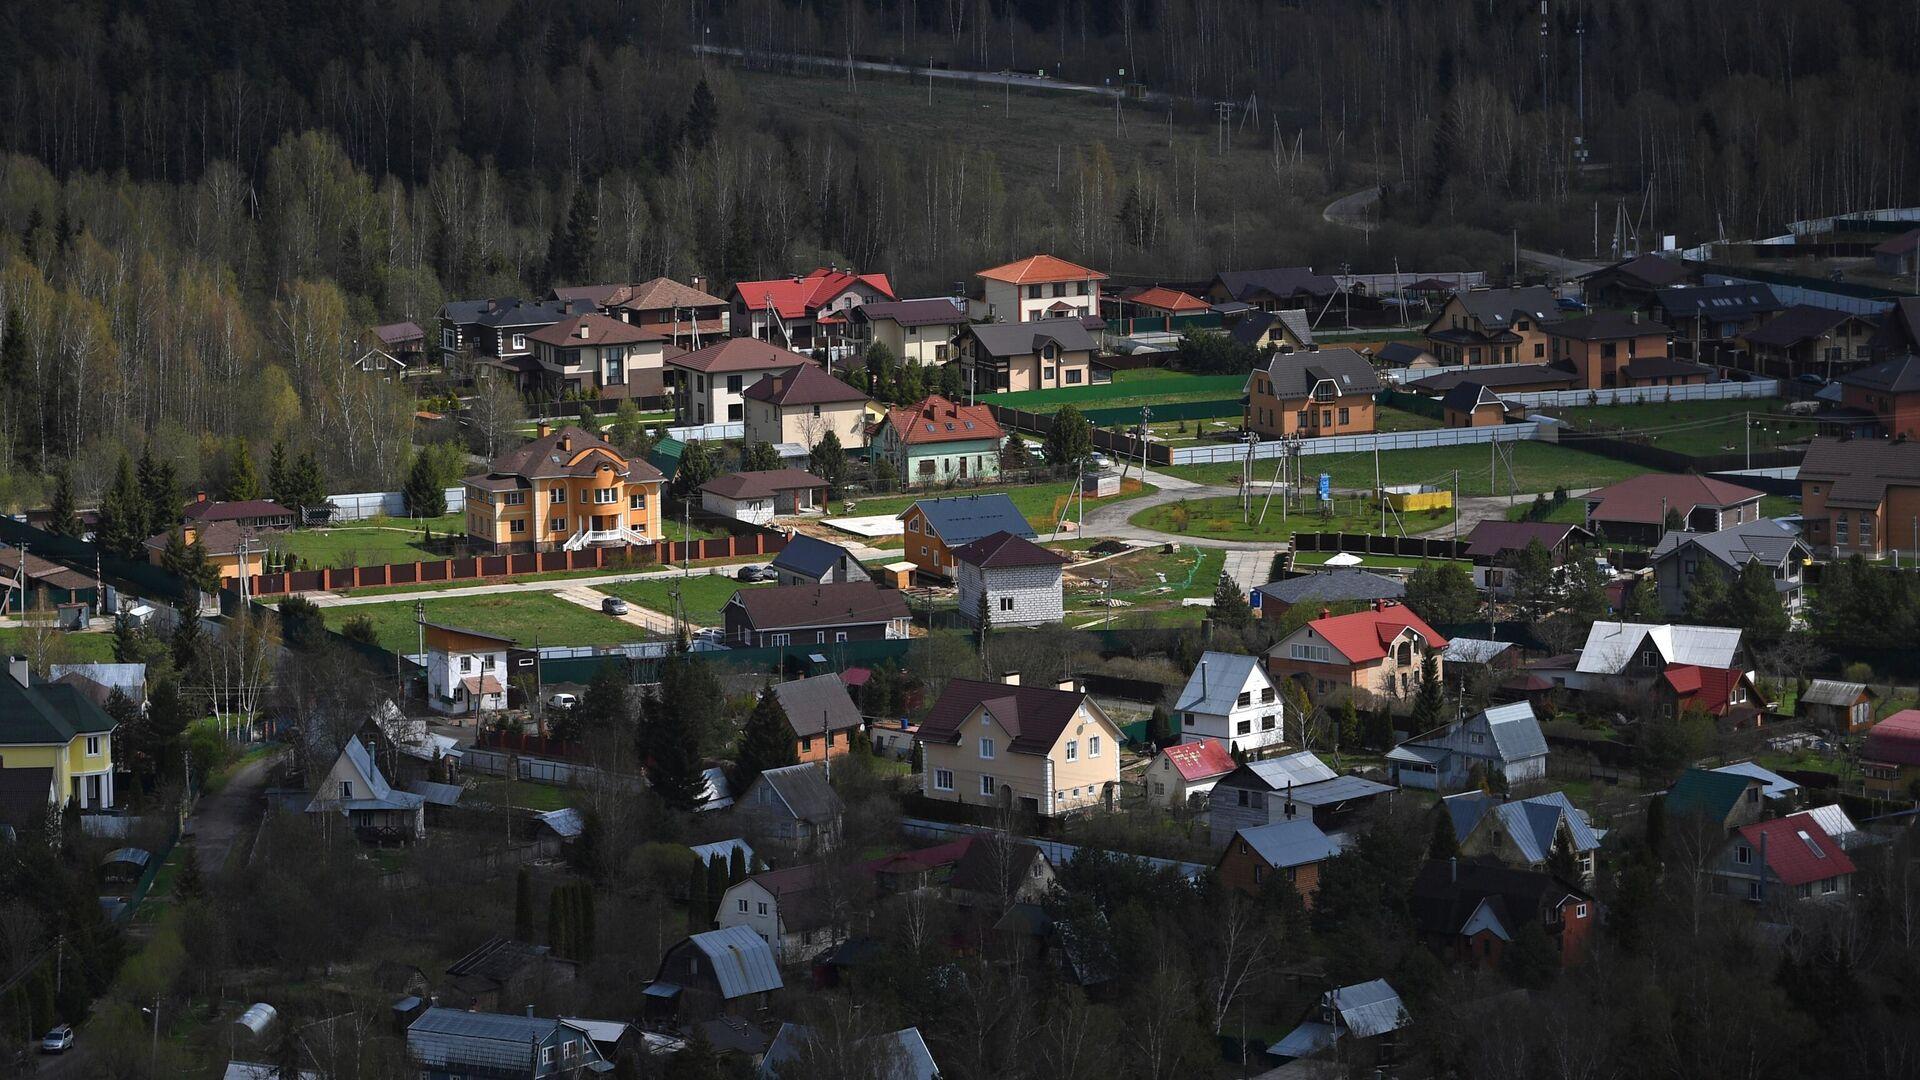 Коттеджный поселок в Московской области - РИА Новости, 1920, 25.05.2021